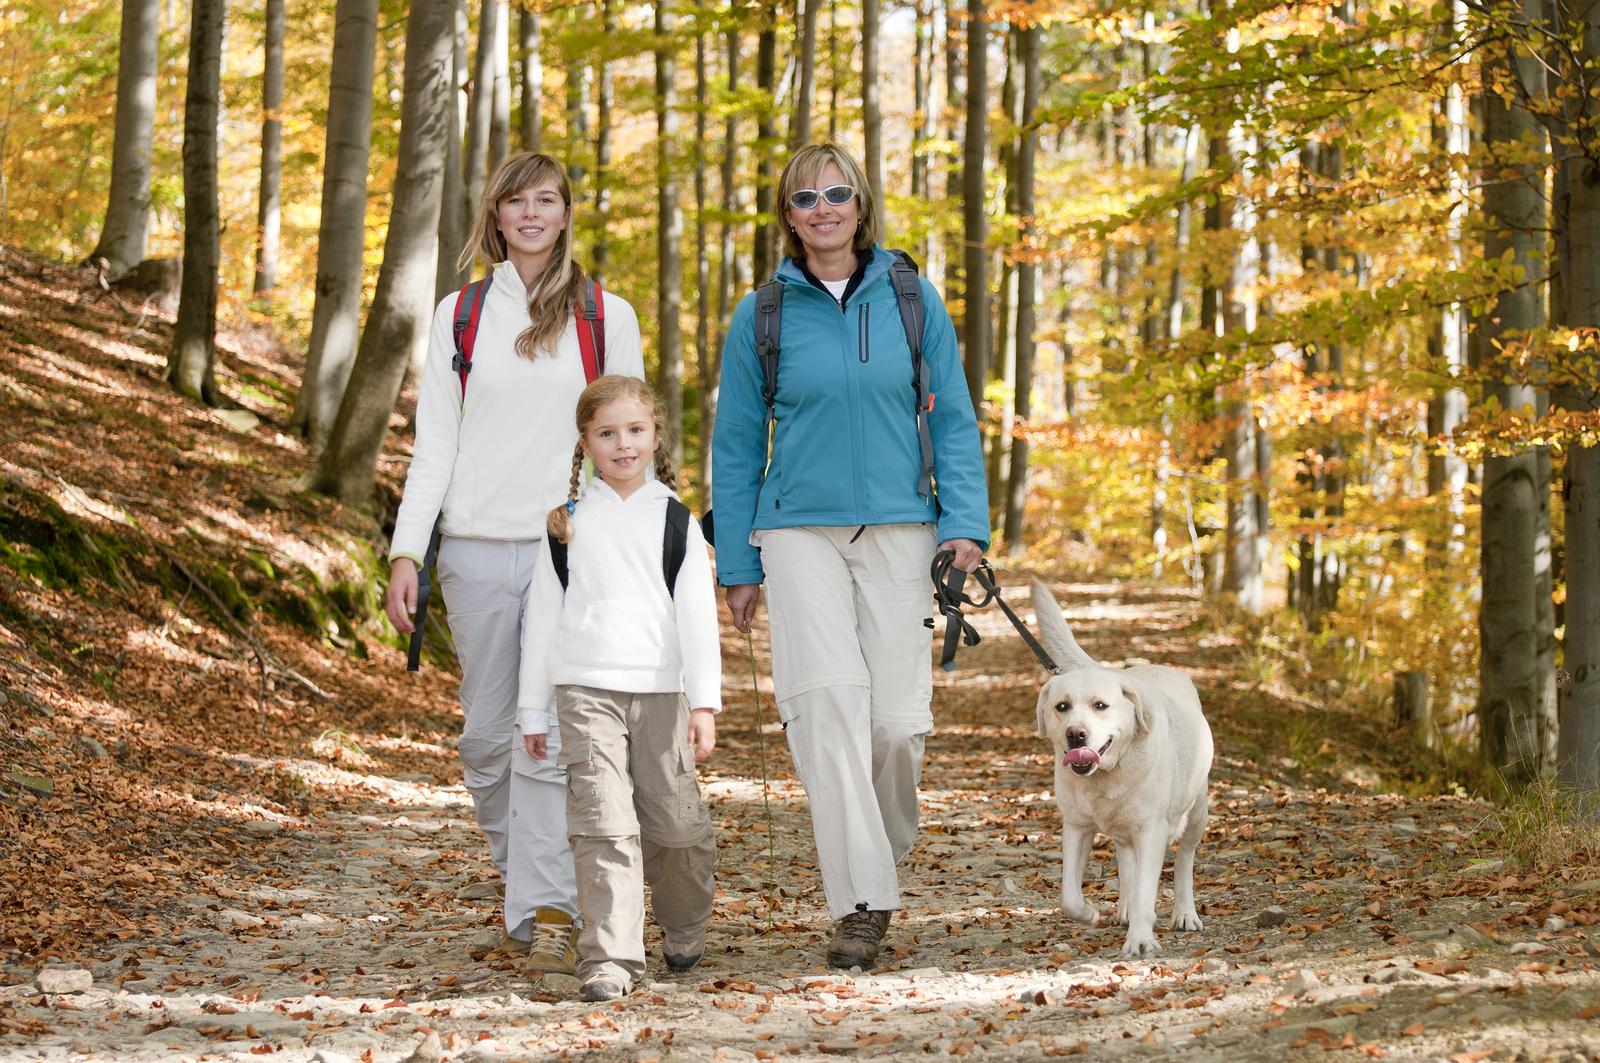 Vacanza in montagna: idee low cost per cani e bambini